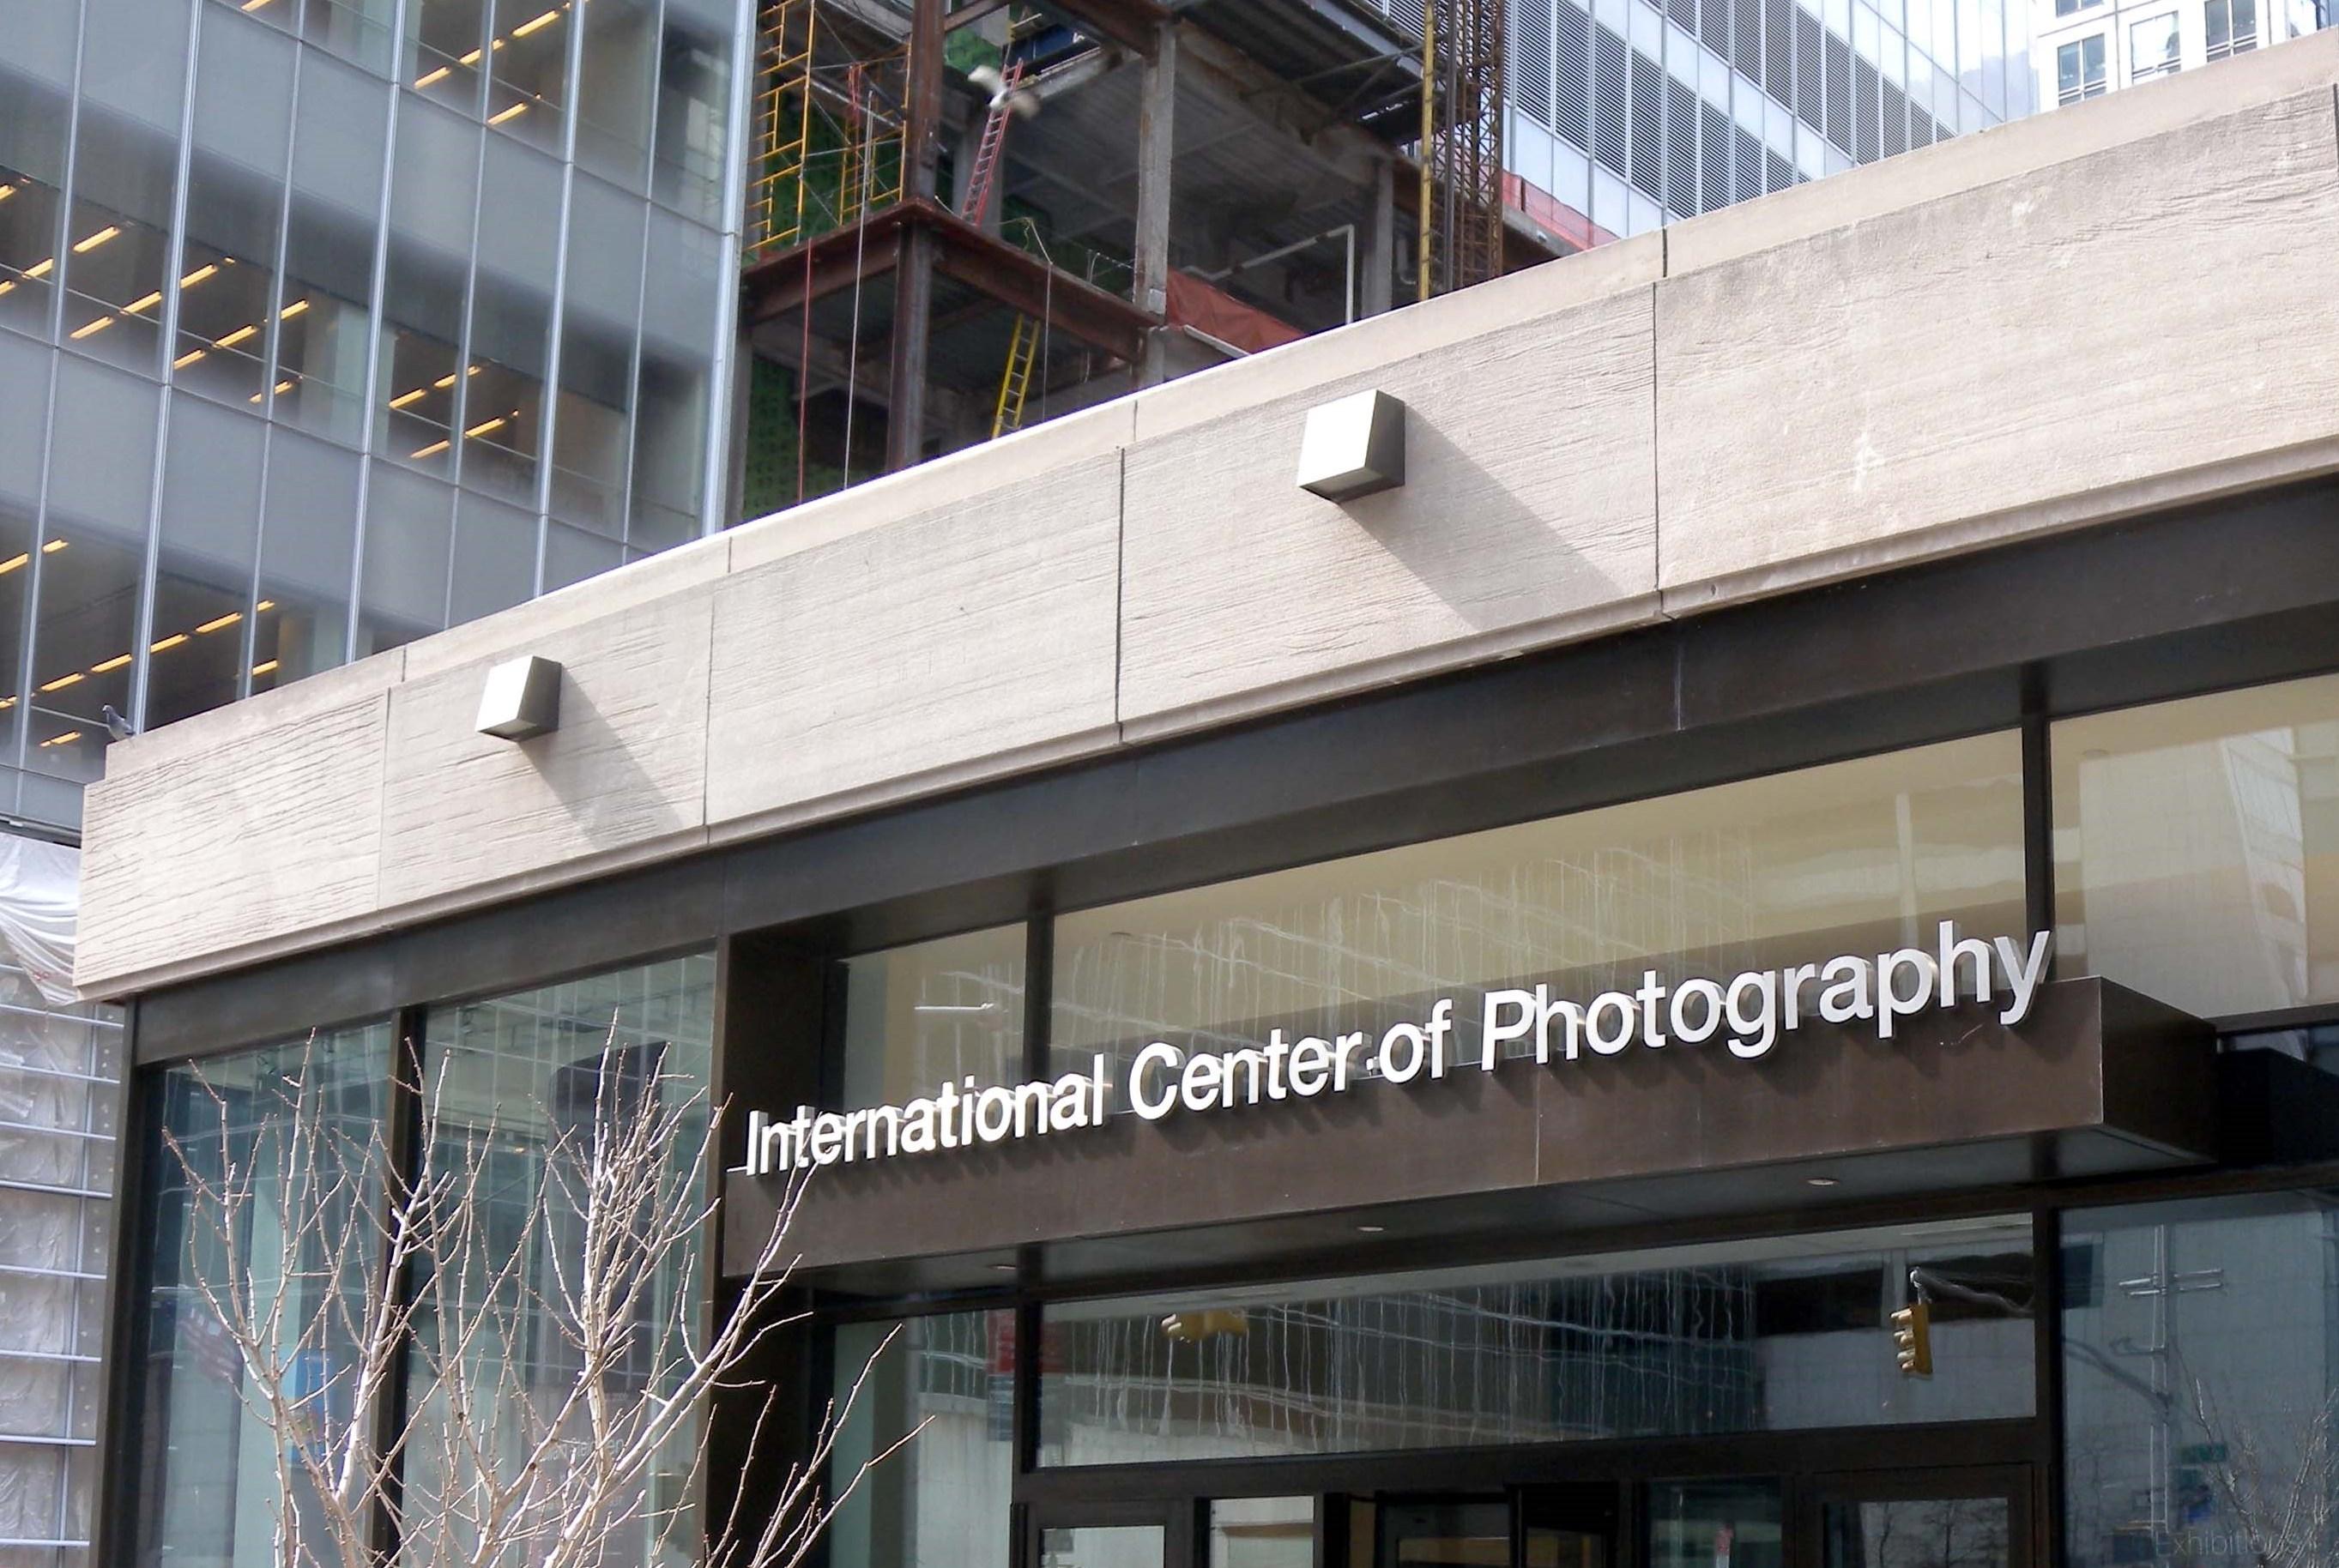 Das International Center of Photography wurde 1974 auf die Initiative des Fotografen Cornell Capa hin gegründet. Das New Yorker Institut soll als Vorbild für die Ausrichtung des Capa-Zentrums in Budapest dienen.